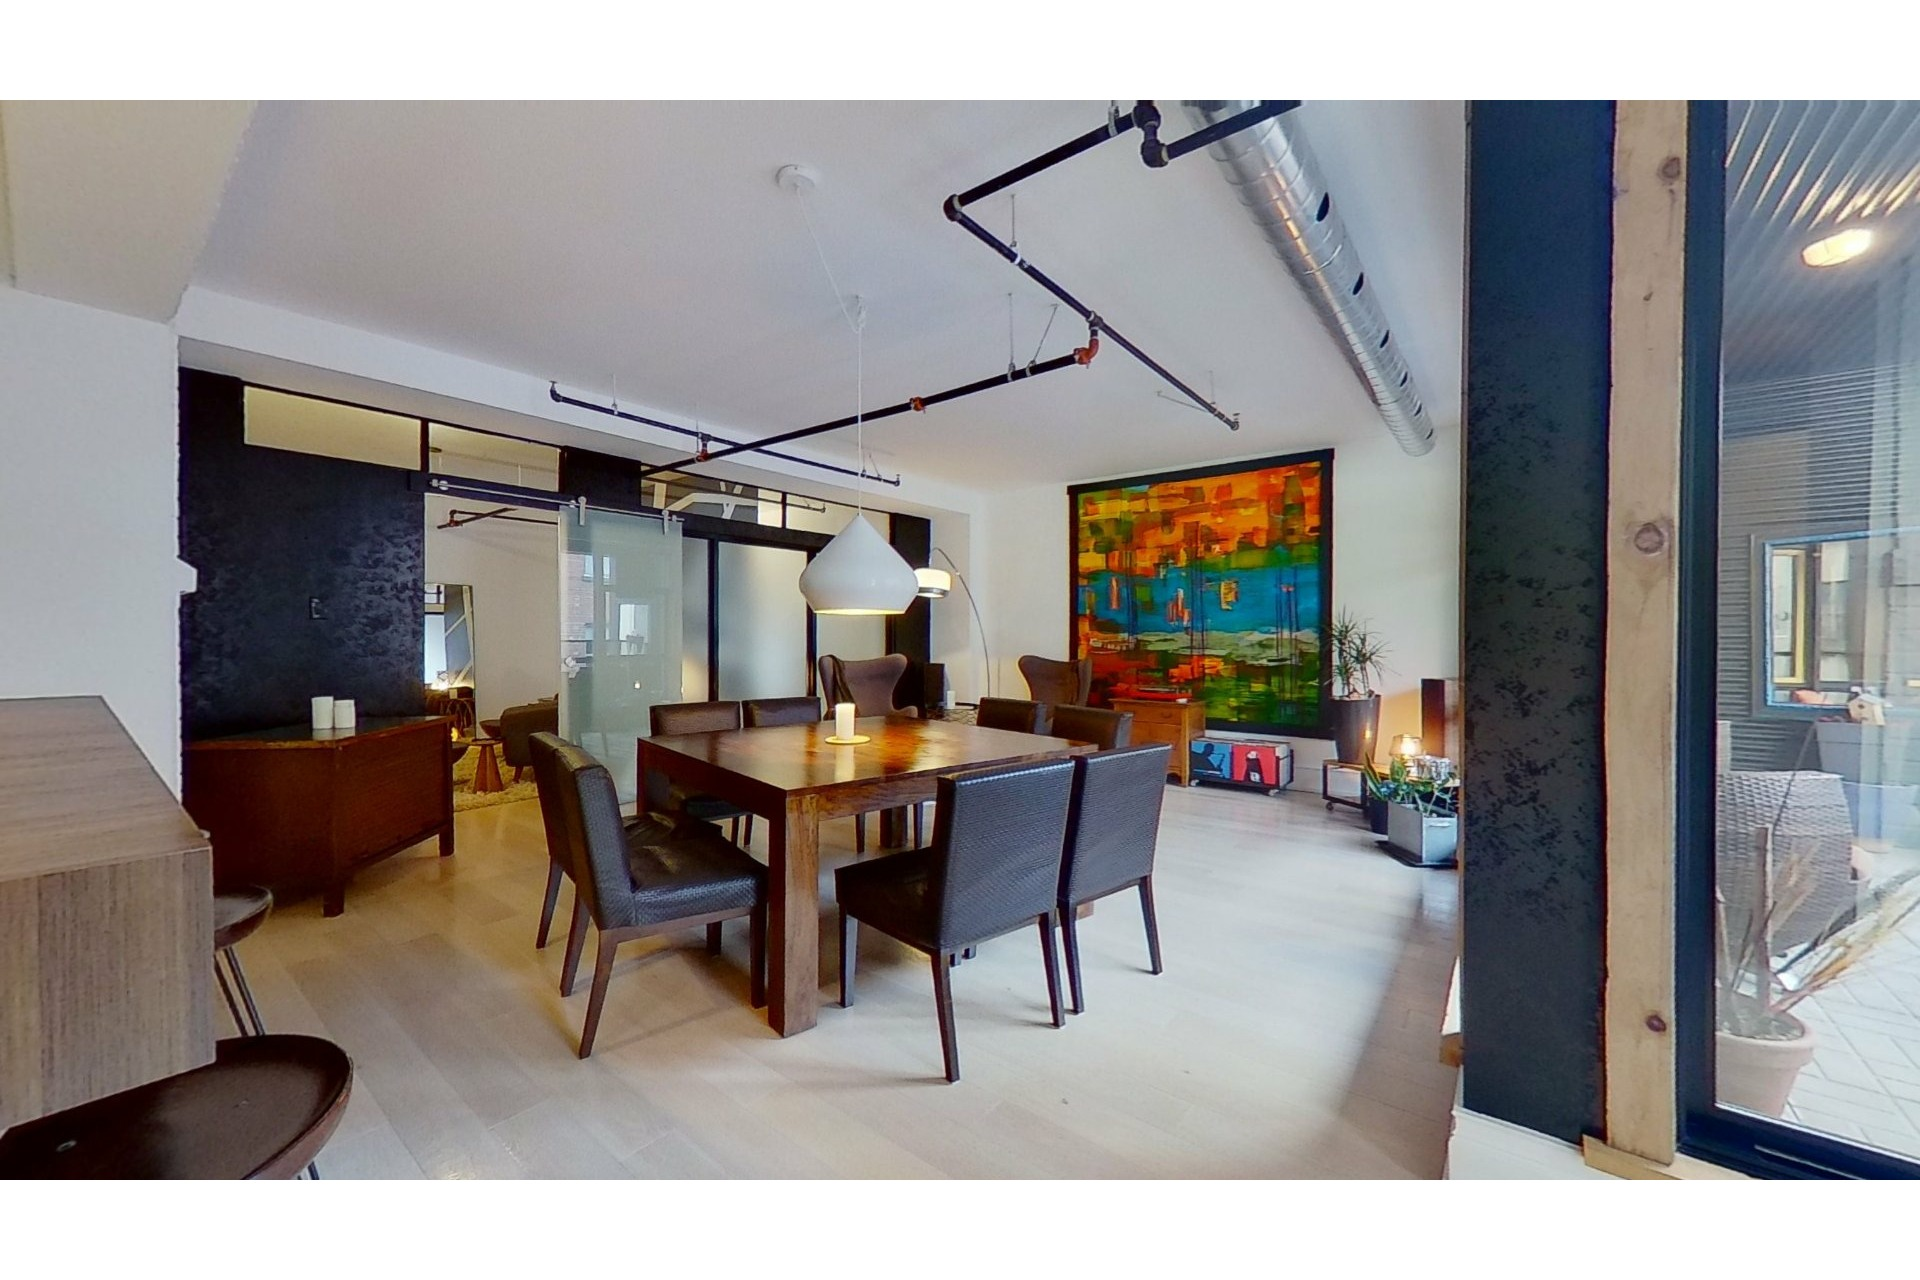 image 16 - Apartment For sale Ville-Marie Montréal  - 5 rooms